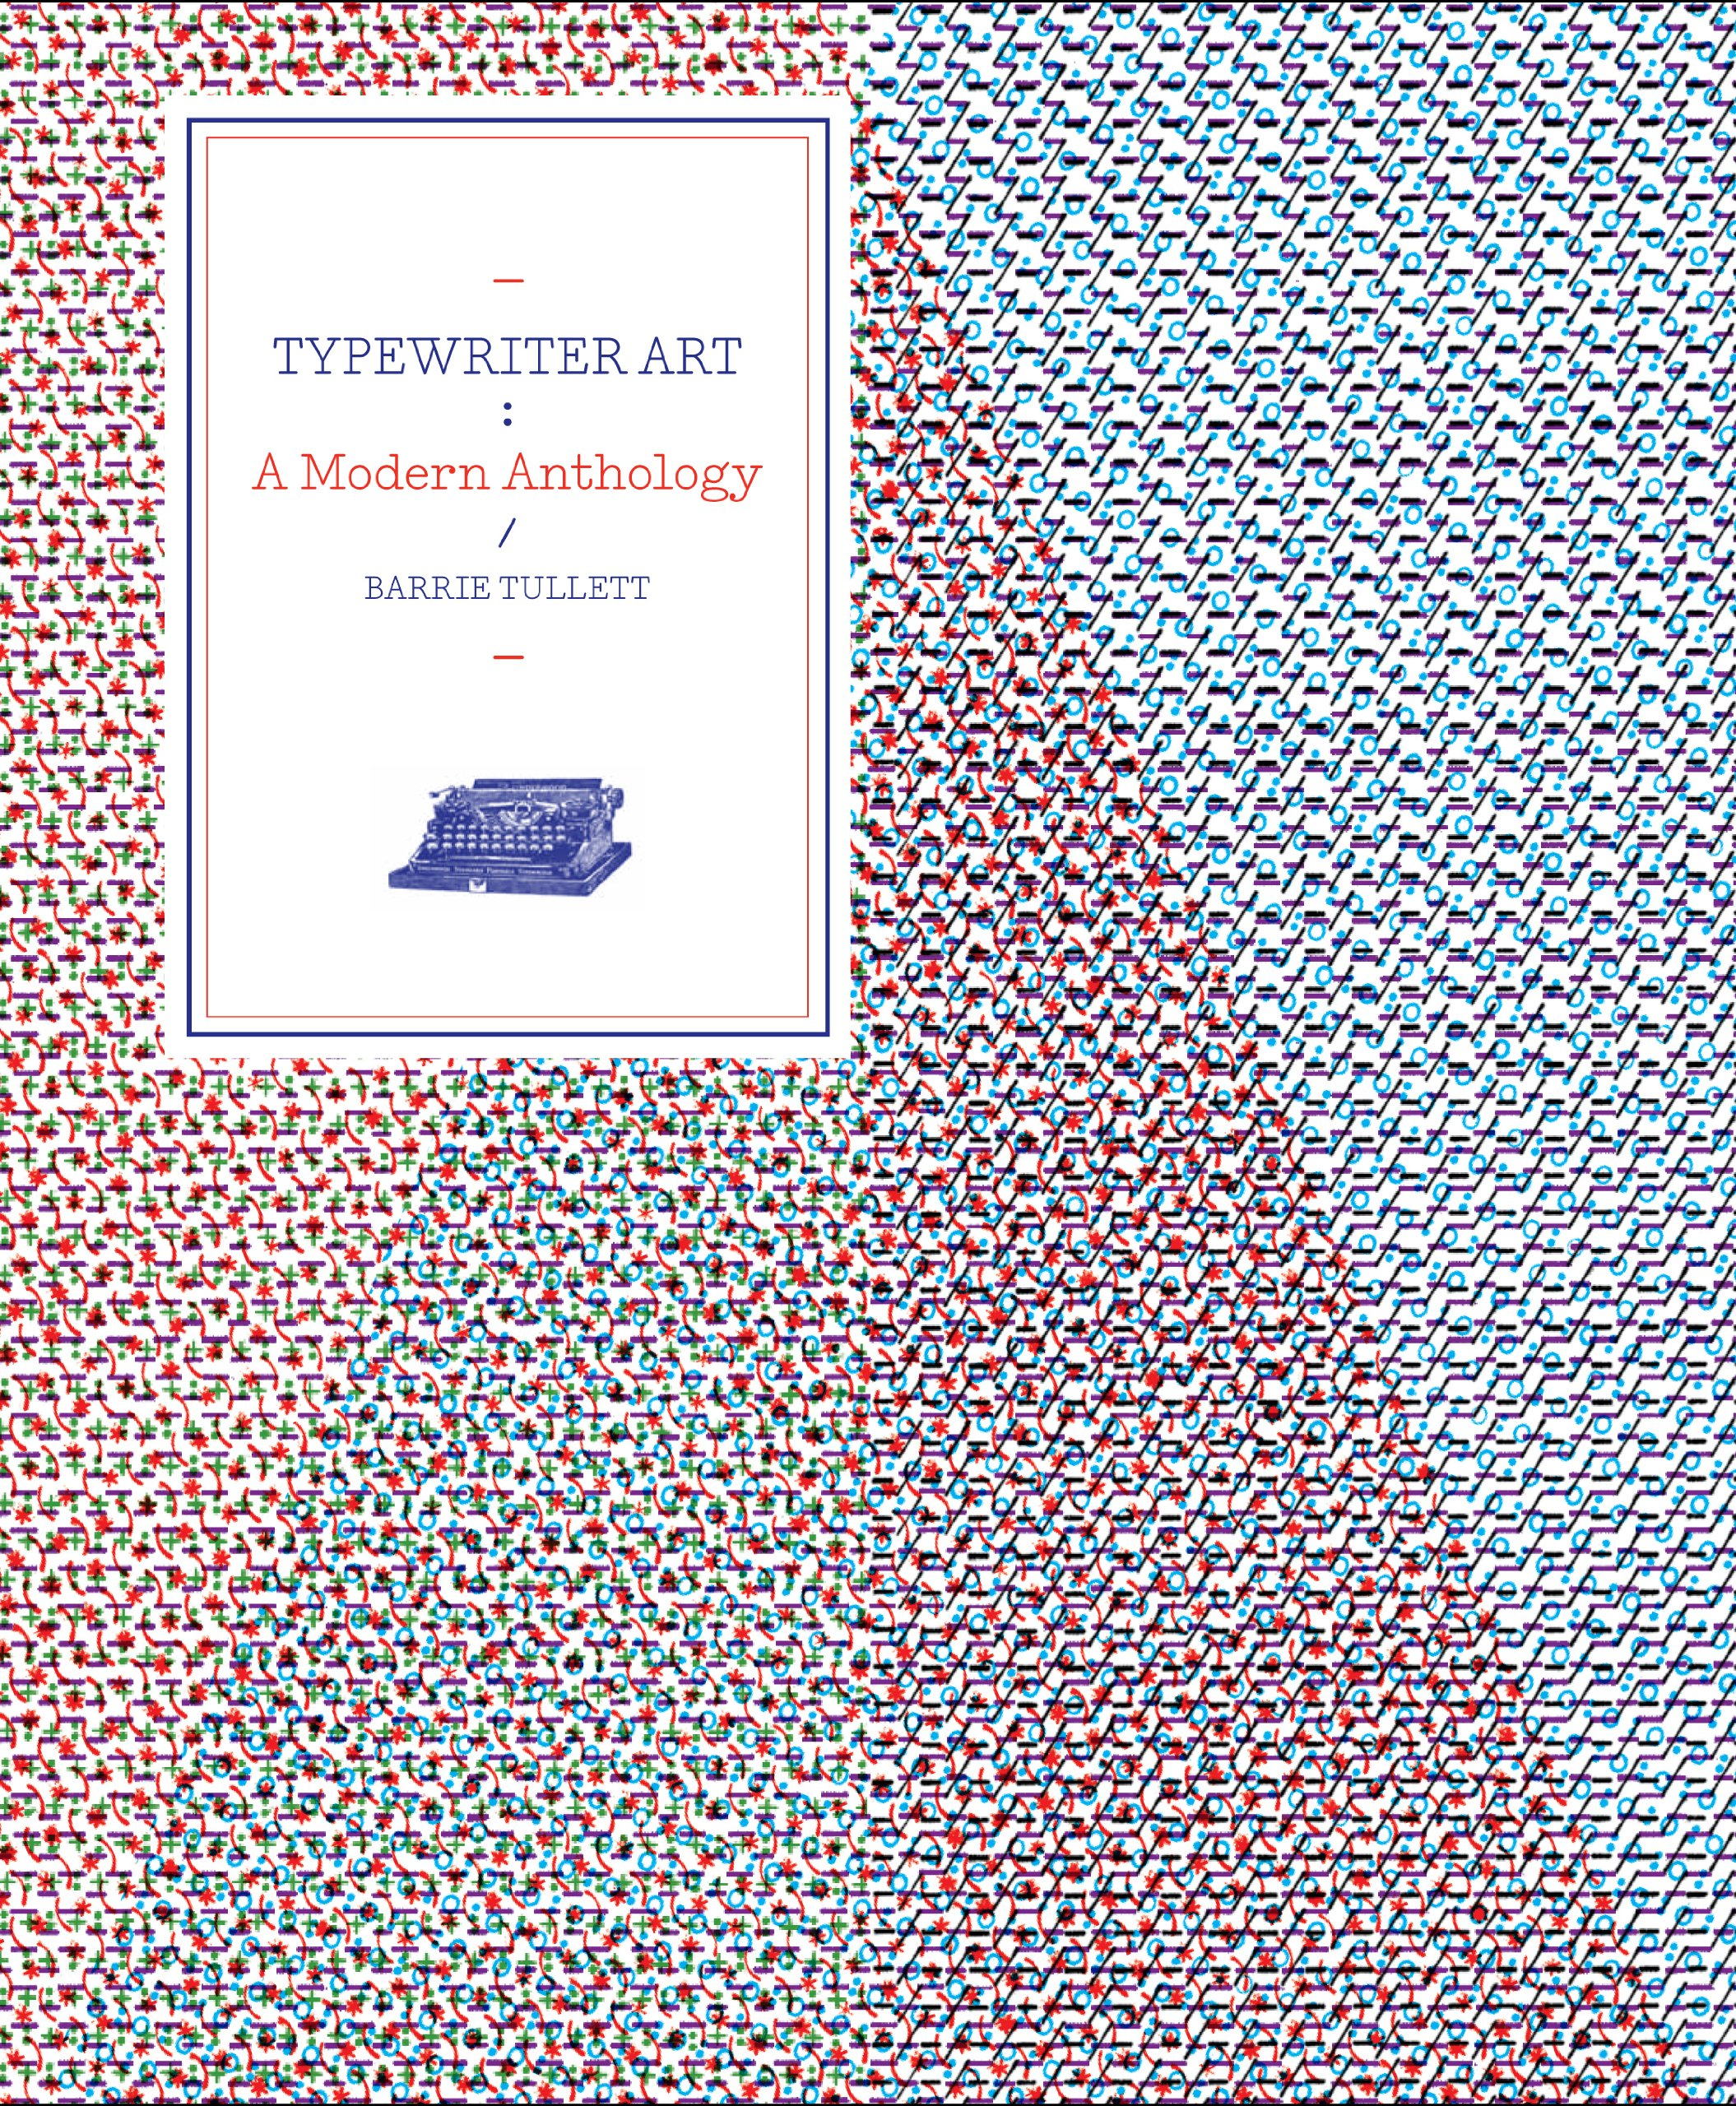 Typewriter Art